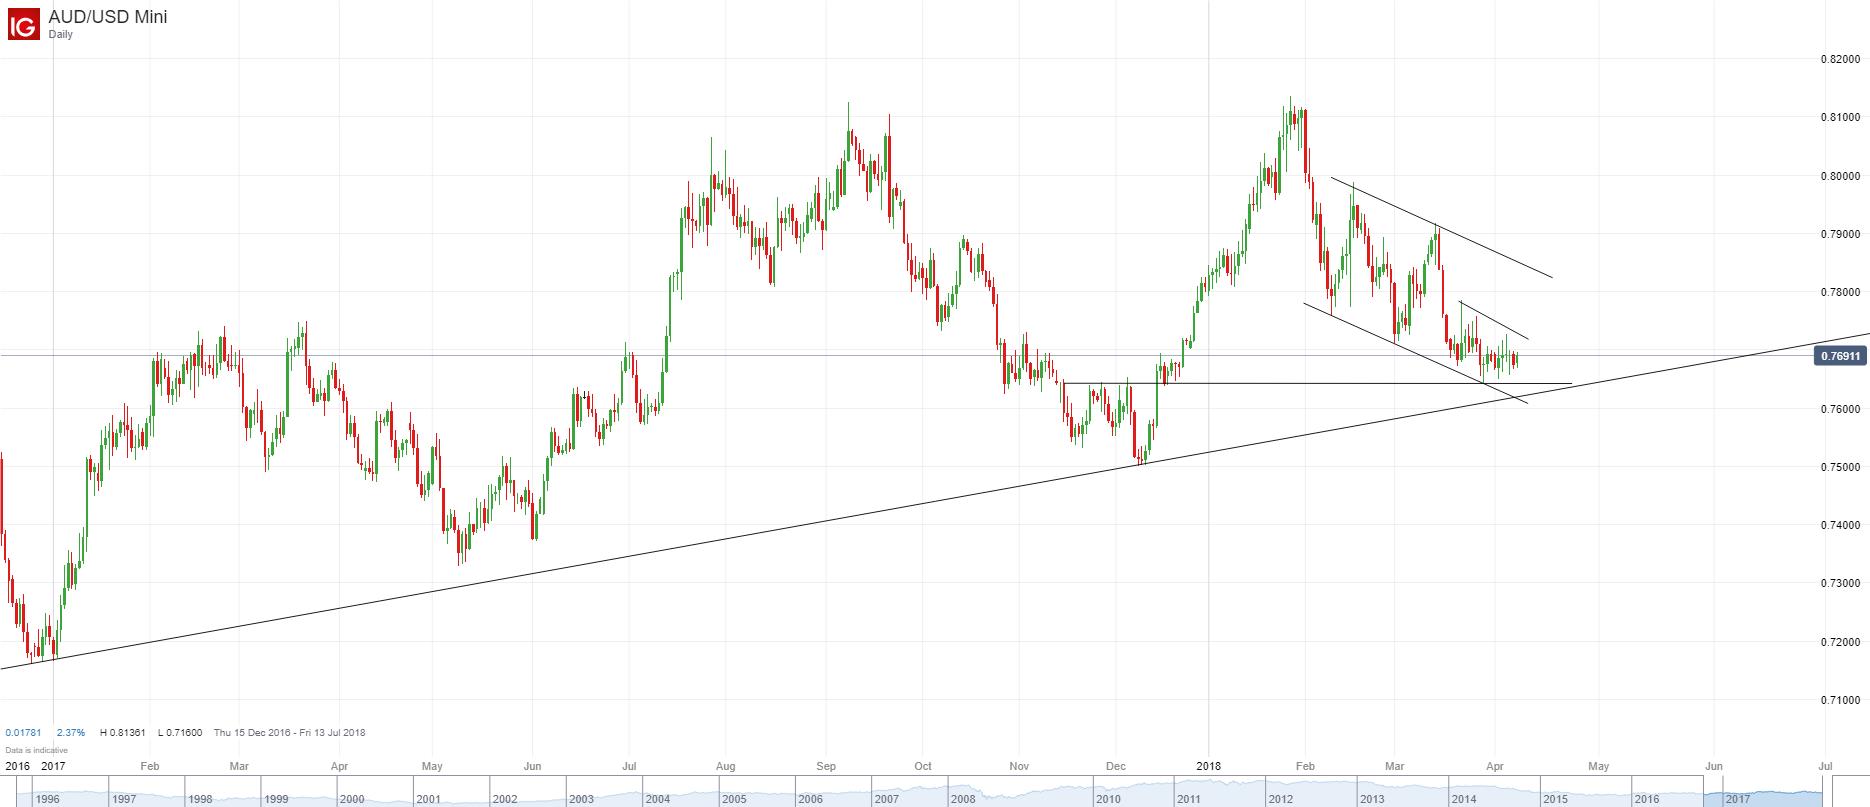 澳元/美元:低位窄幅整理,趋势总体仍朝下